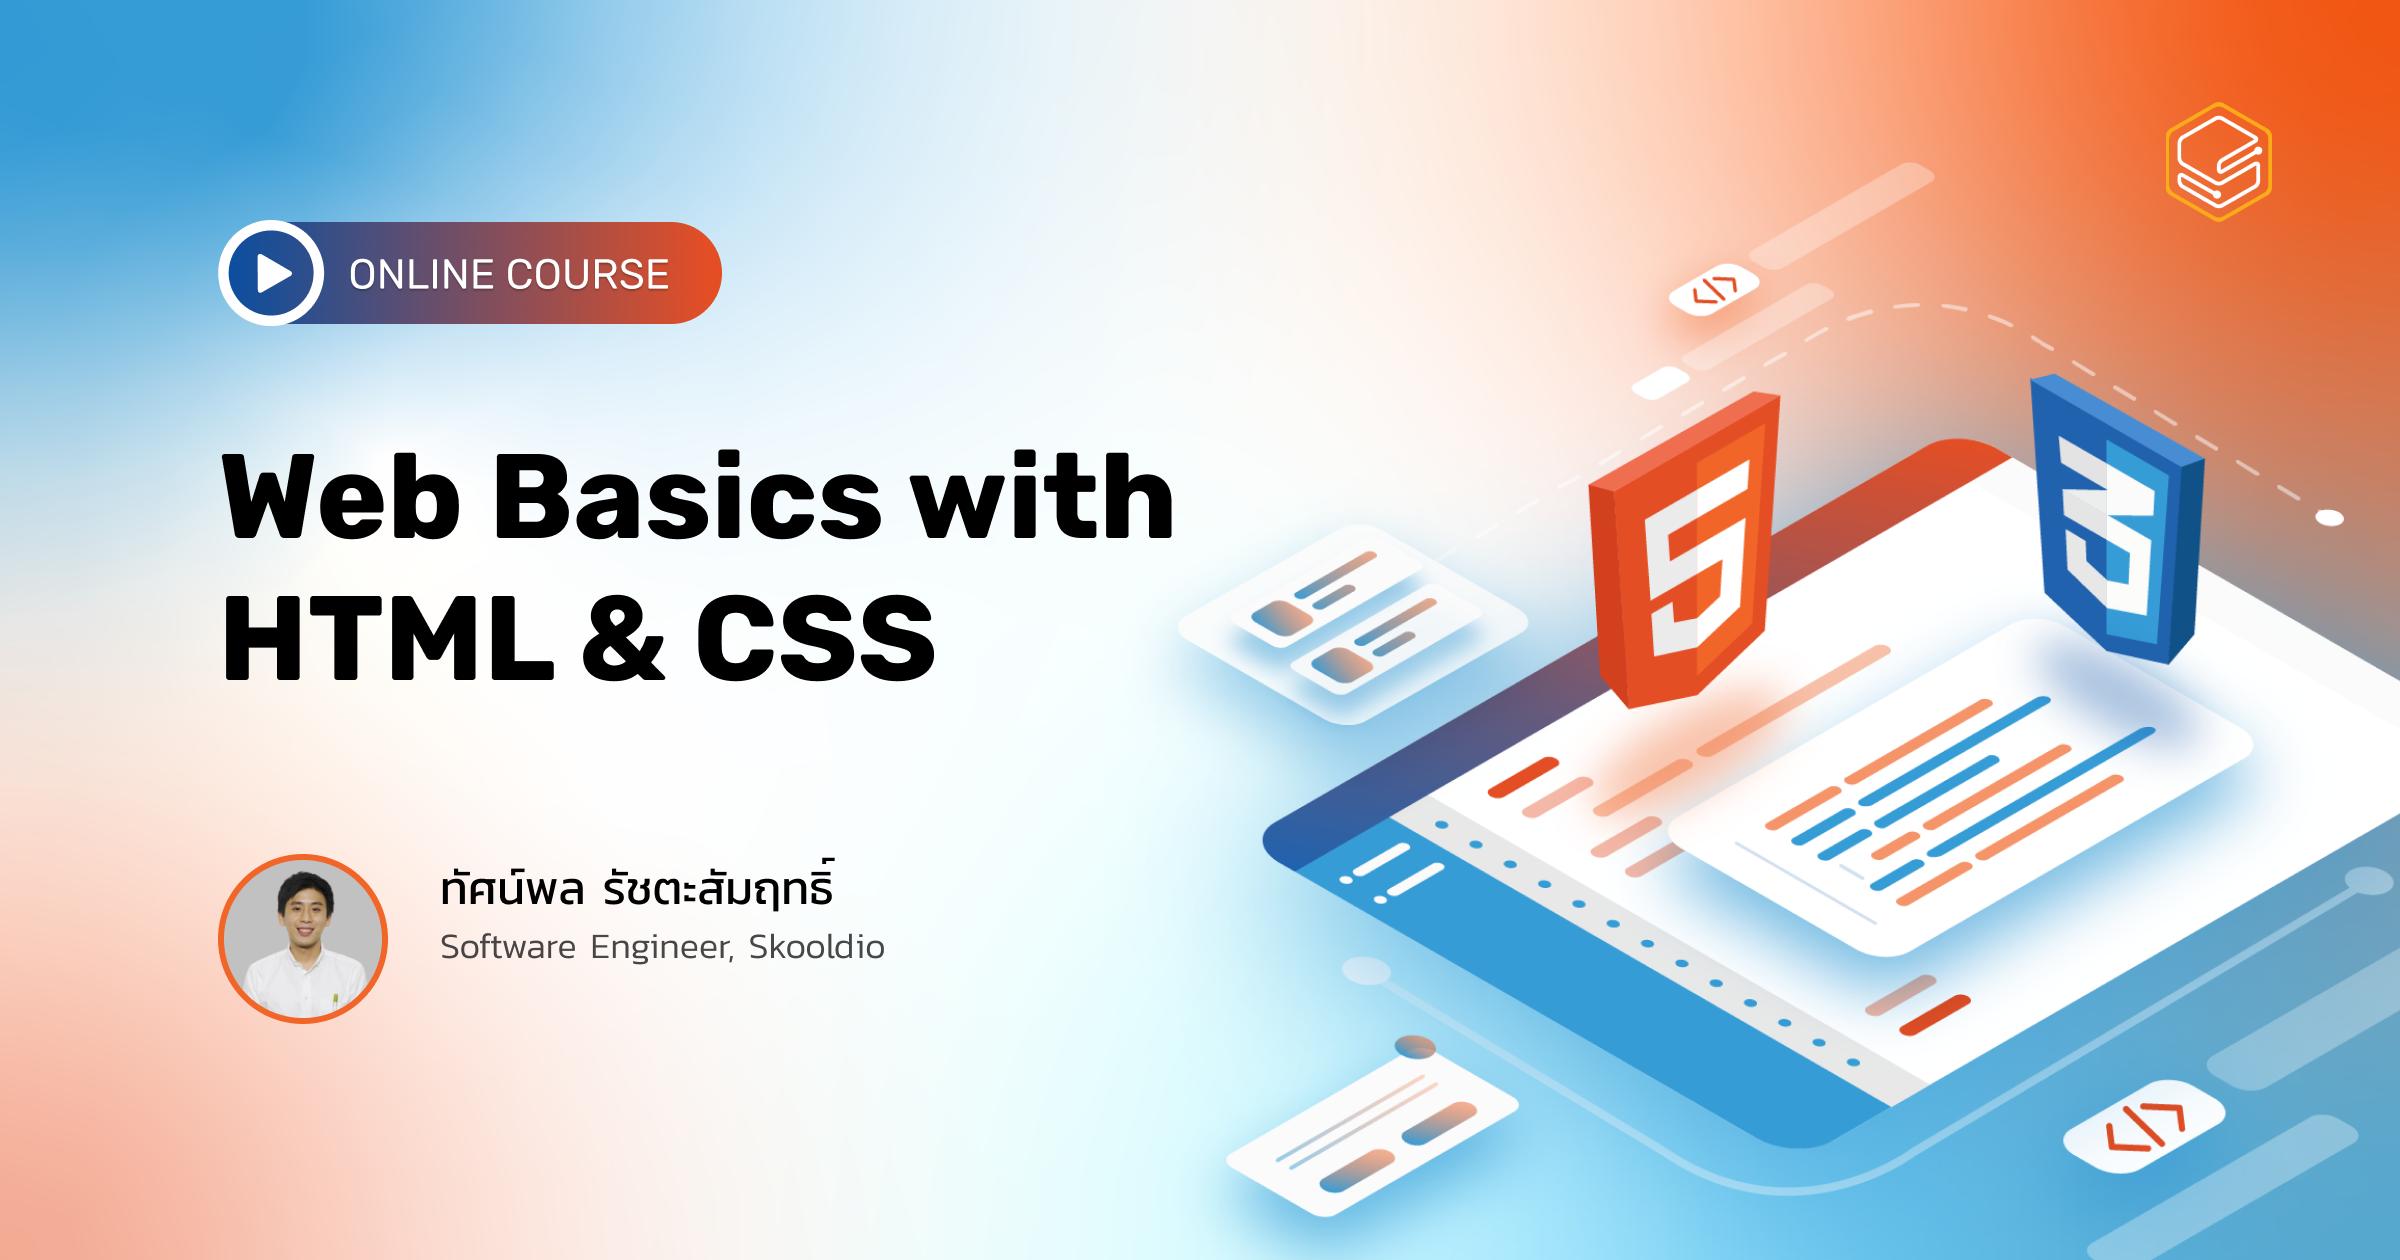 ก้าวแรกสู่การพัฒนาเว็บไซต์ด้วย HTML และ CSS | Skooldio Online Course: Web Basics with HTML and CSS